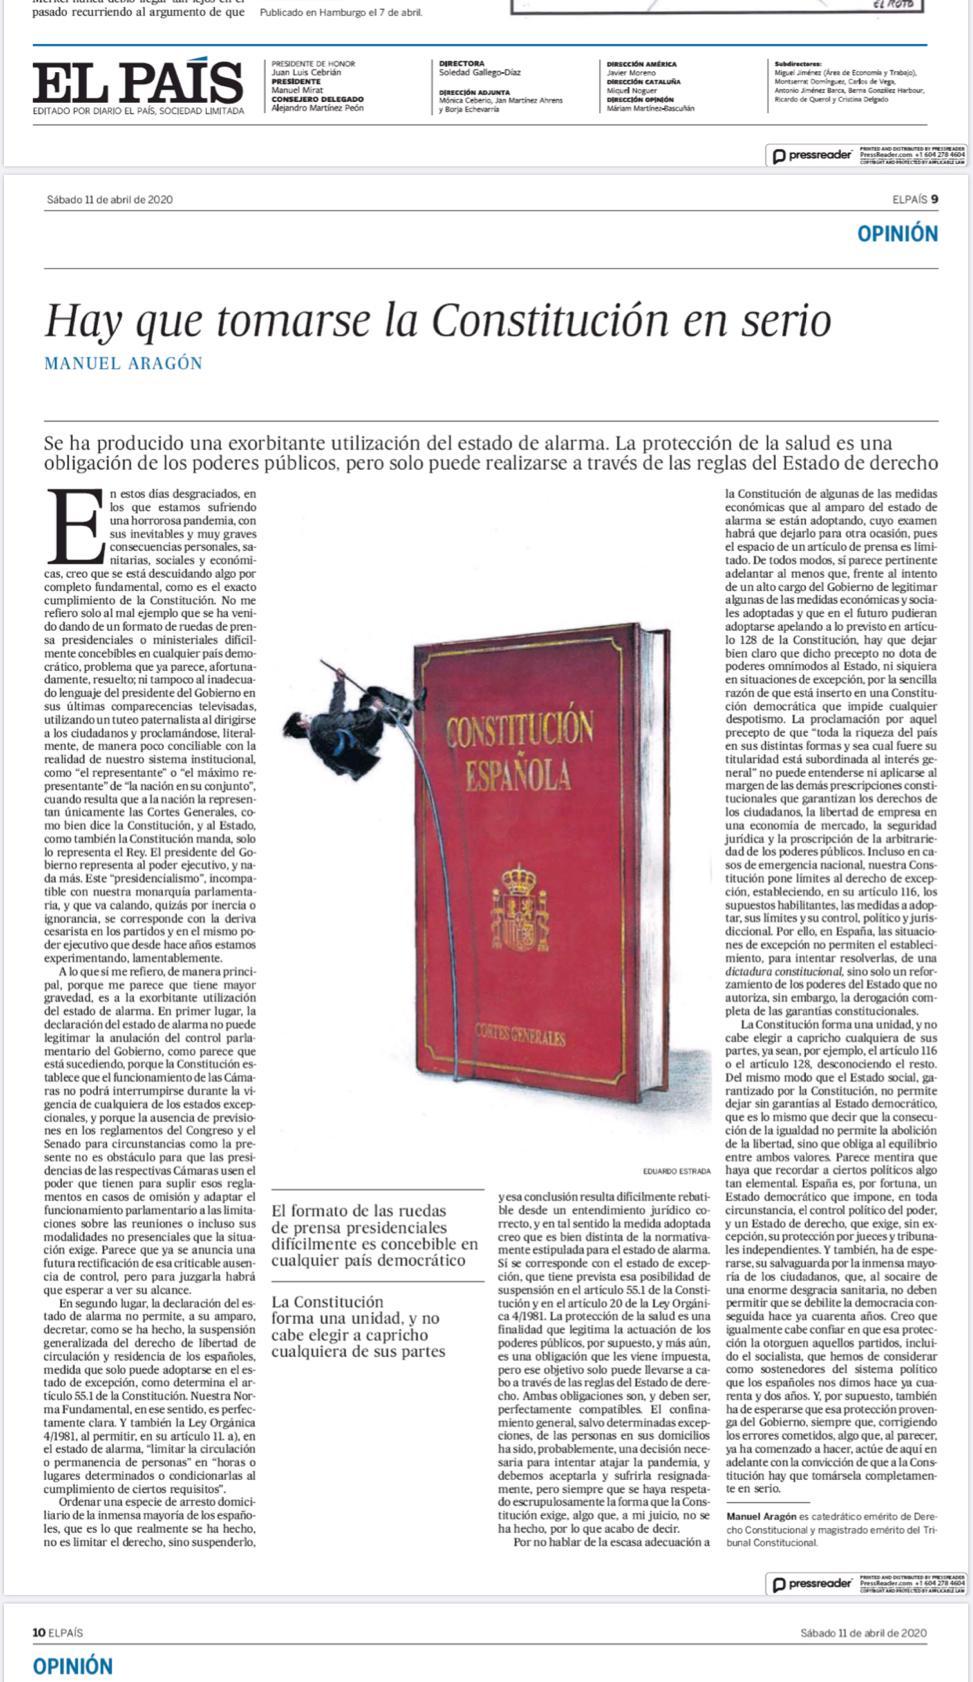 """""""Hay que tomarse la Constitución en serio"""" de MAnuel Aragón - Ignacio Isusi"""